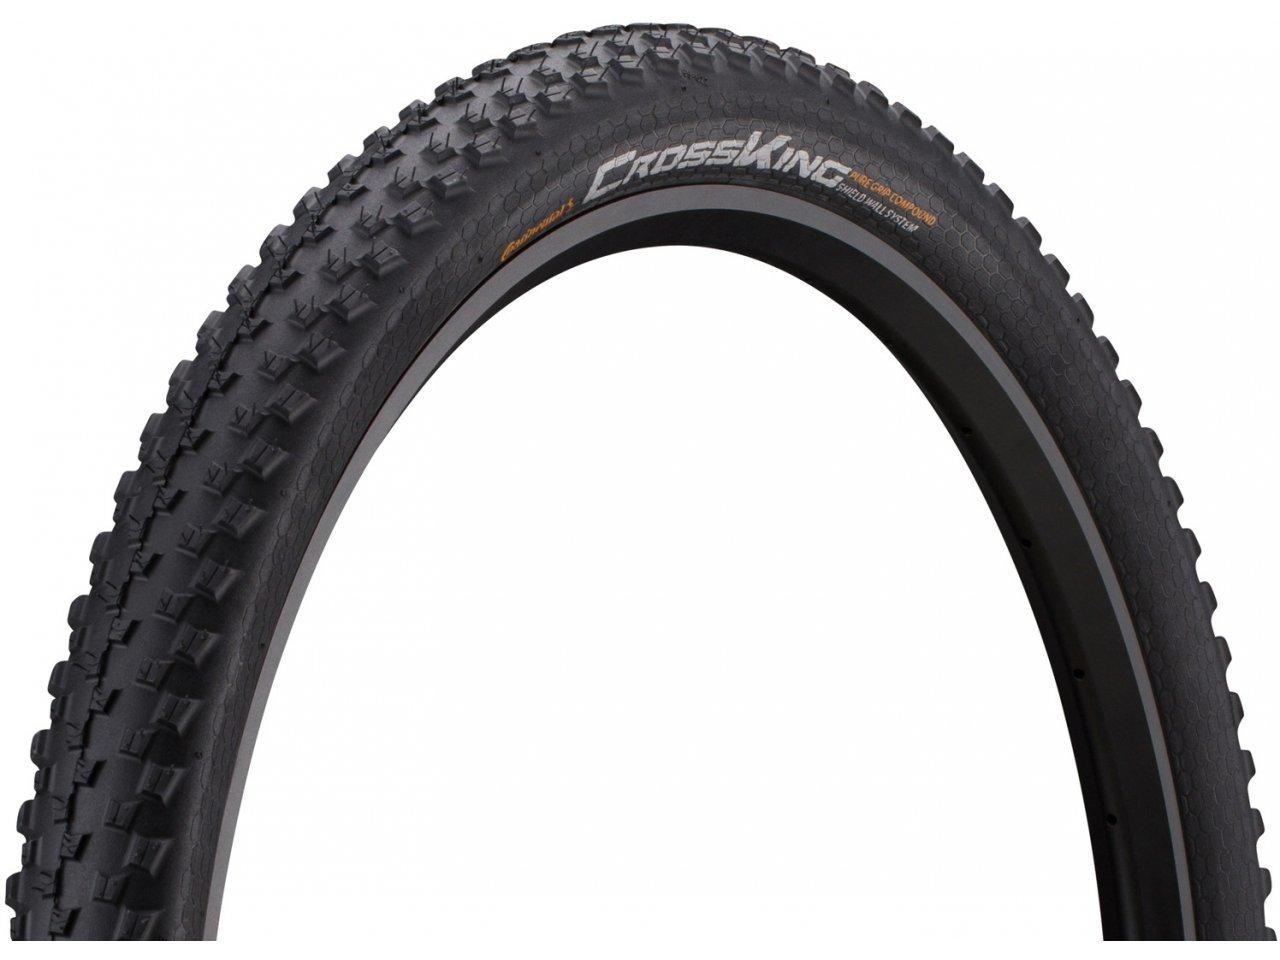 Continental neumáticos de bicicleta Cross King protect //// todos los tamaños